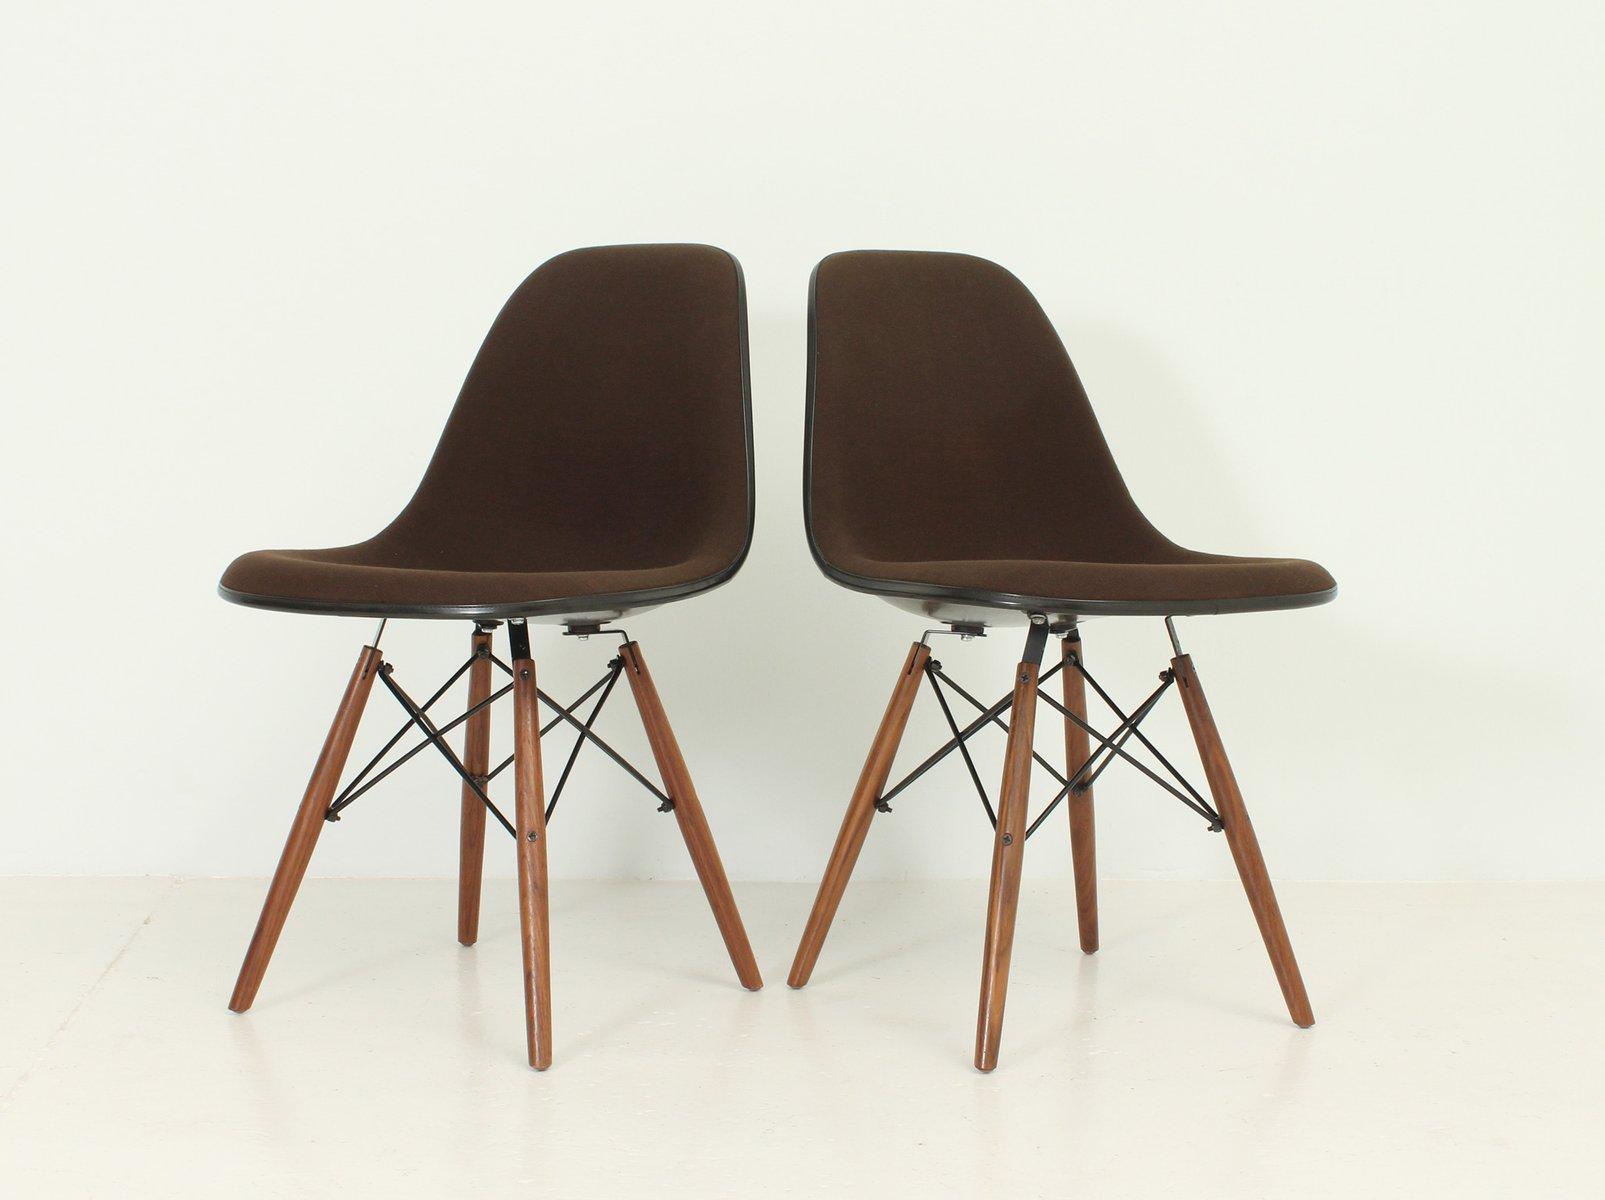 vintage dsw st hle von charles und ray eames f r herman miller 2er set bei pamono kaufen. Black Bedroom Furniture Sets. Home Design Ideas